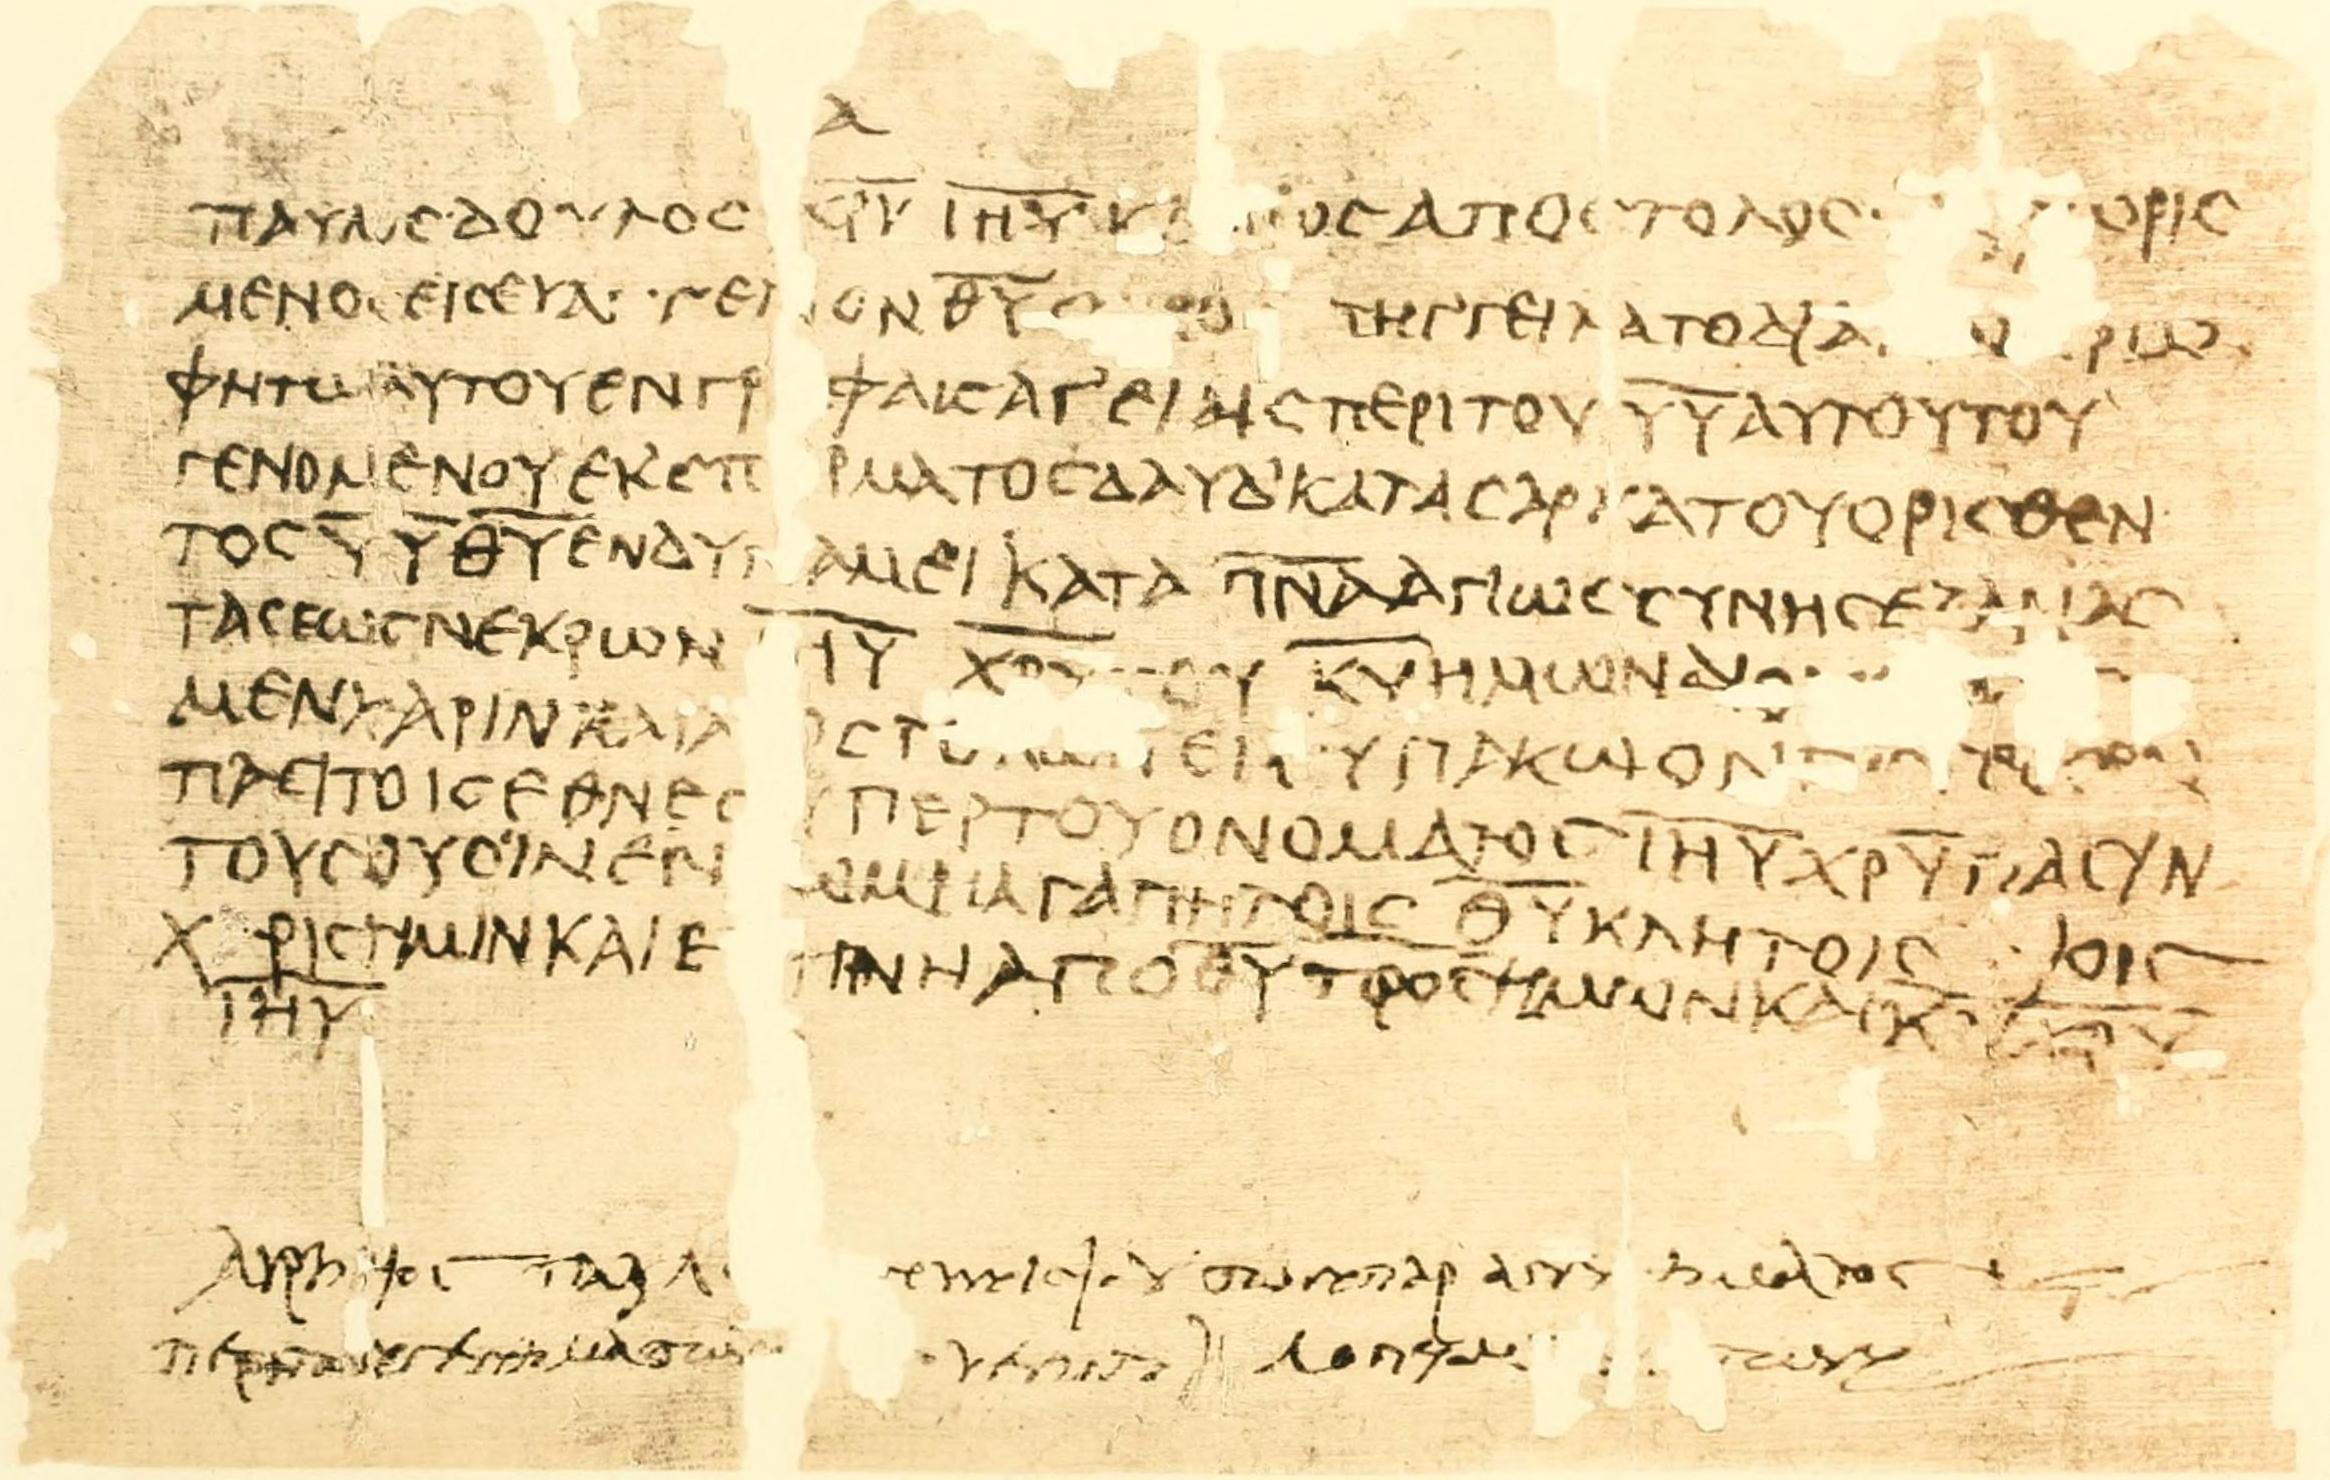 Corinthians Read Paul S Letter